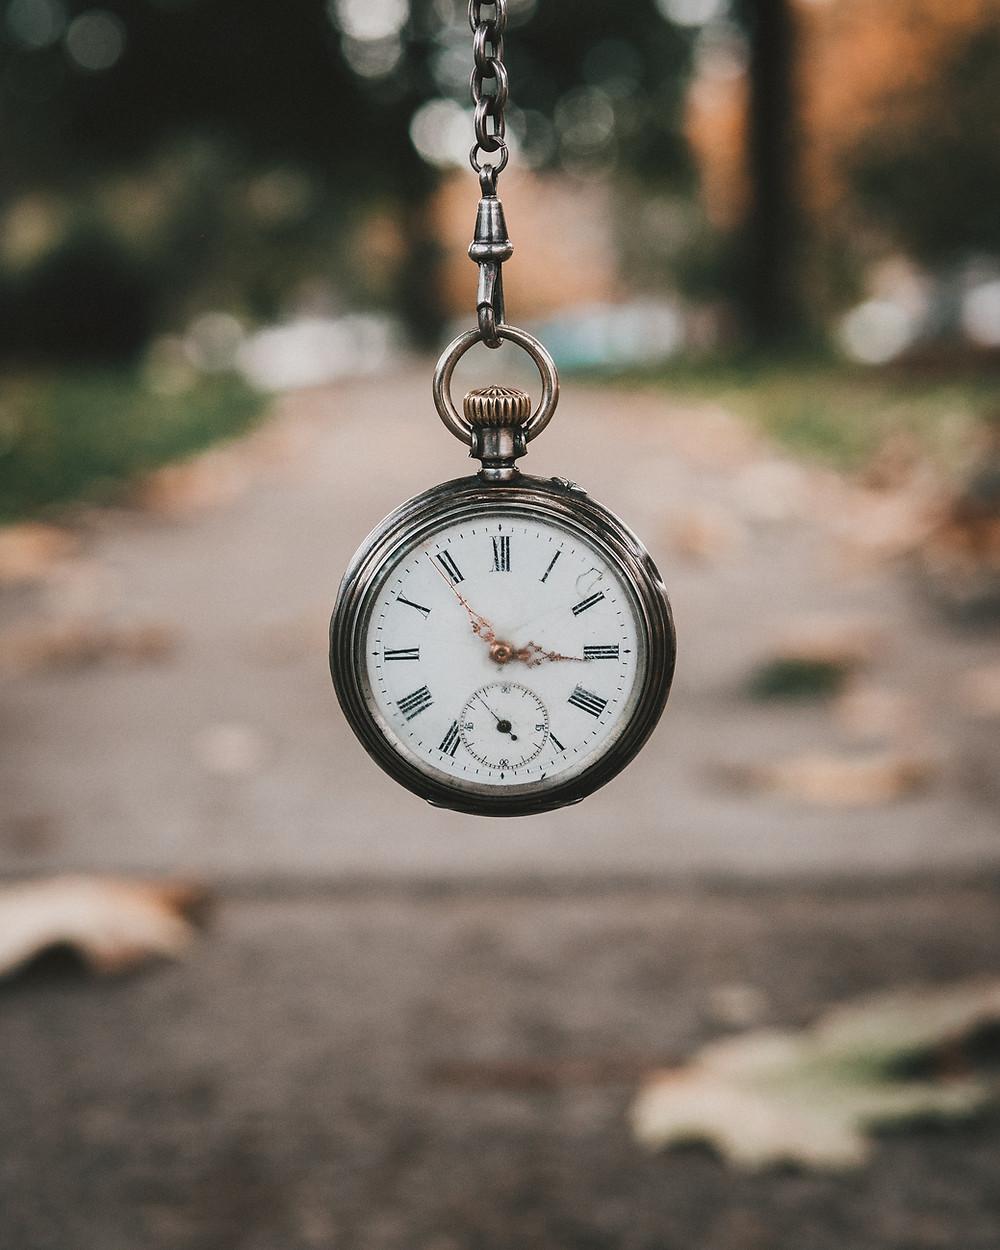 old fashion pocket watch